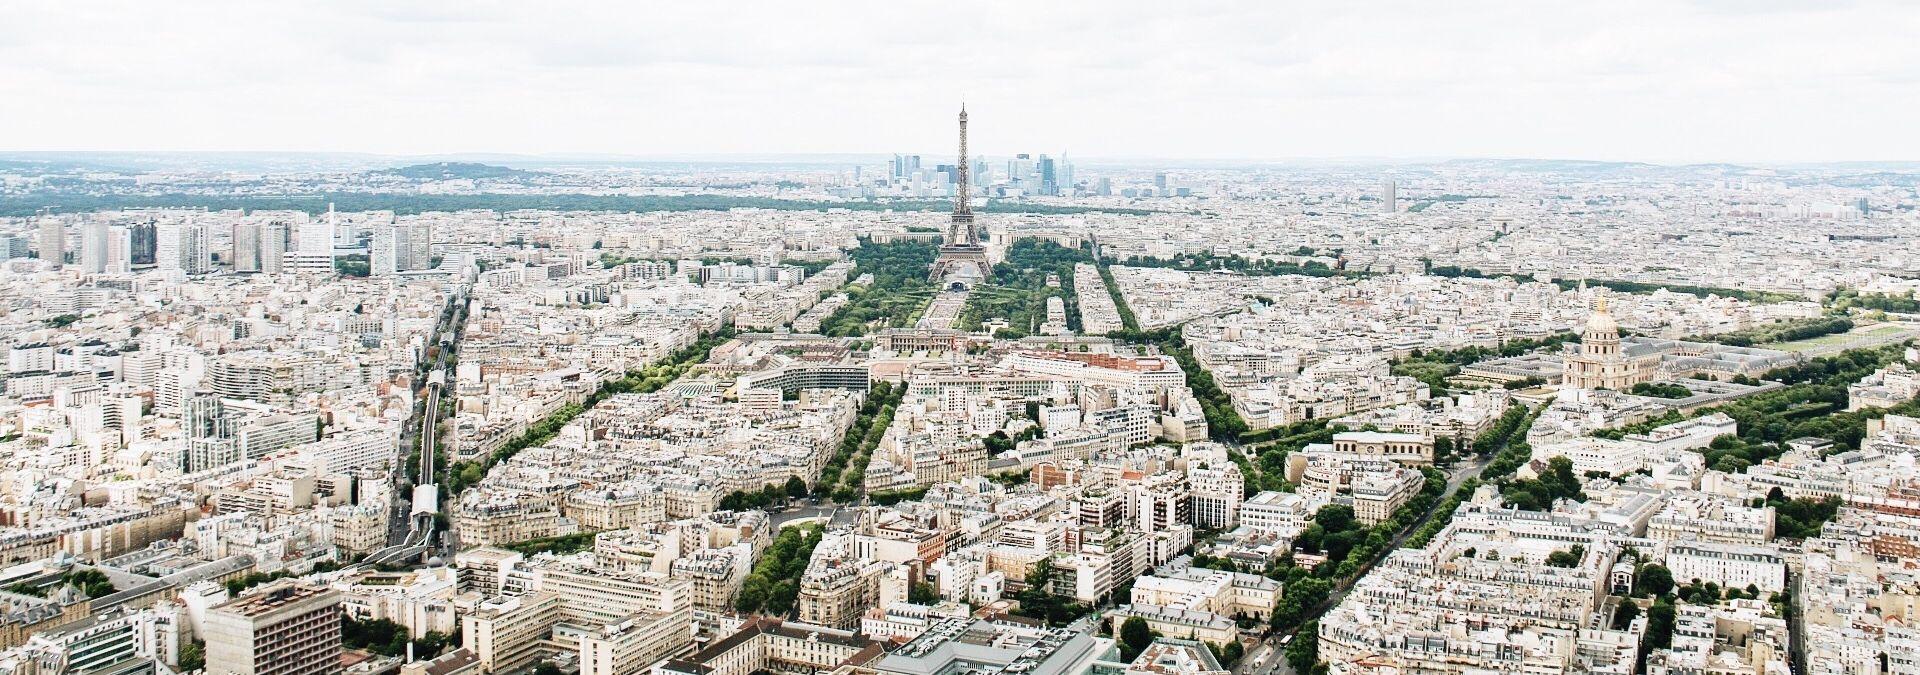 'EKONOMSKA KATASTROFA' Islamistički napadi, štrajkovi i poplave zadali veliki udarac pariškom turizmu